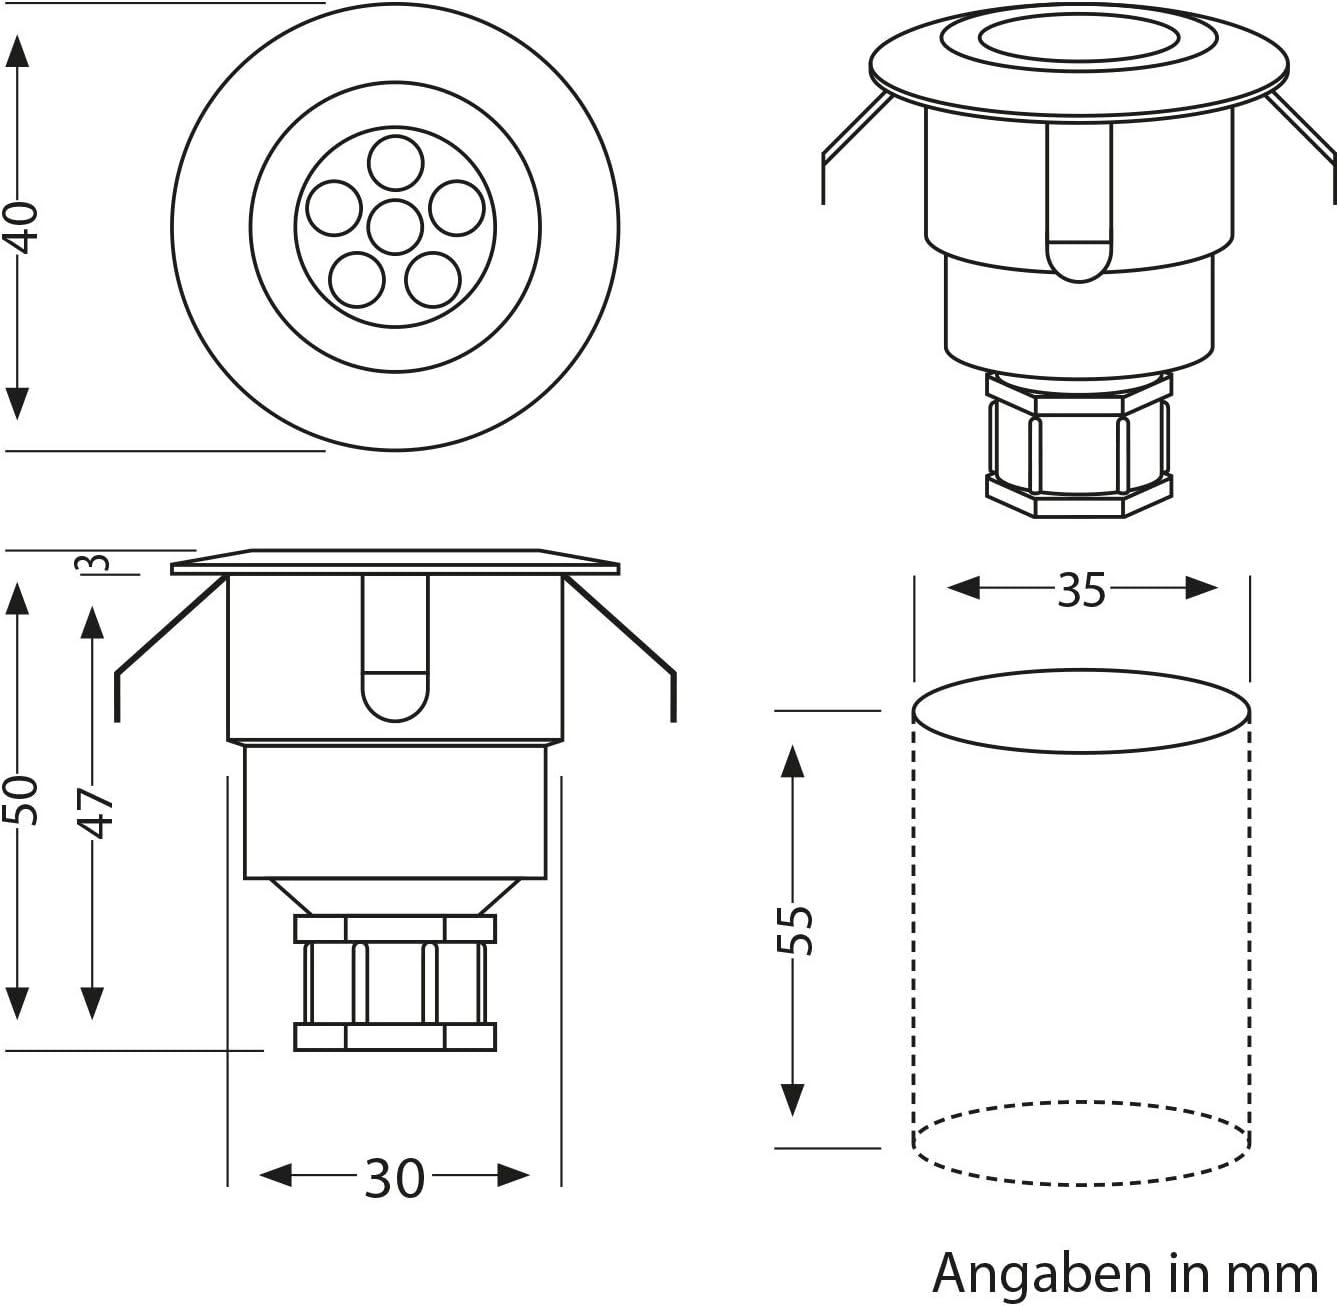 parlat LED Boden-Einbauleuchte Atria mit Dämmerungssensor für außen Aluminium warm-weiß, je 14lm, IP65, 40mm Ø 3er Set Einzeln